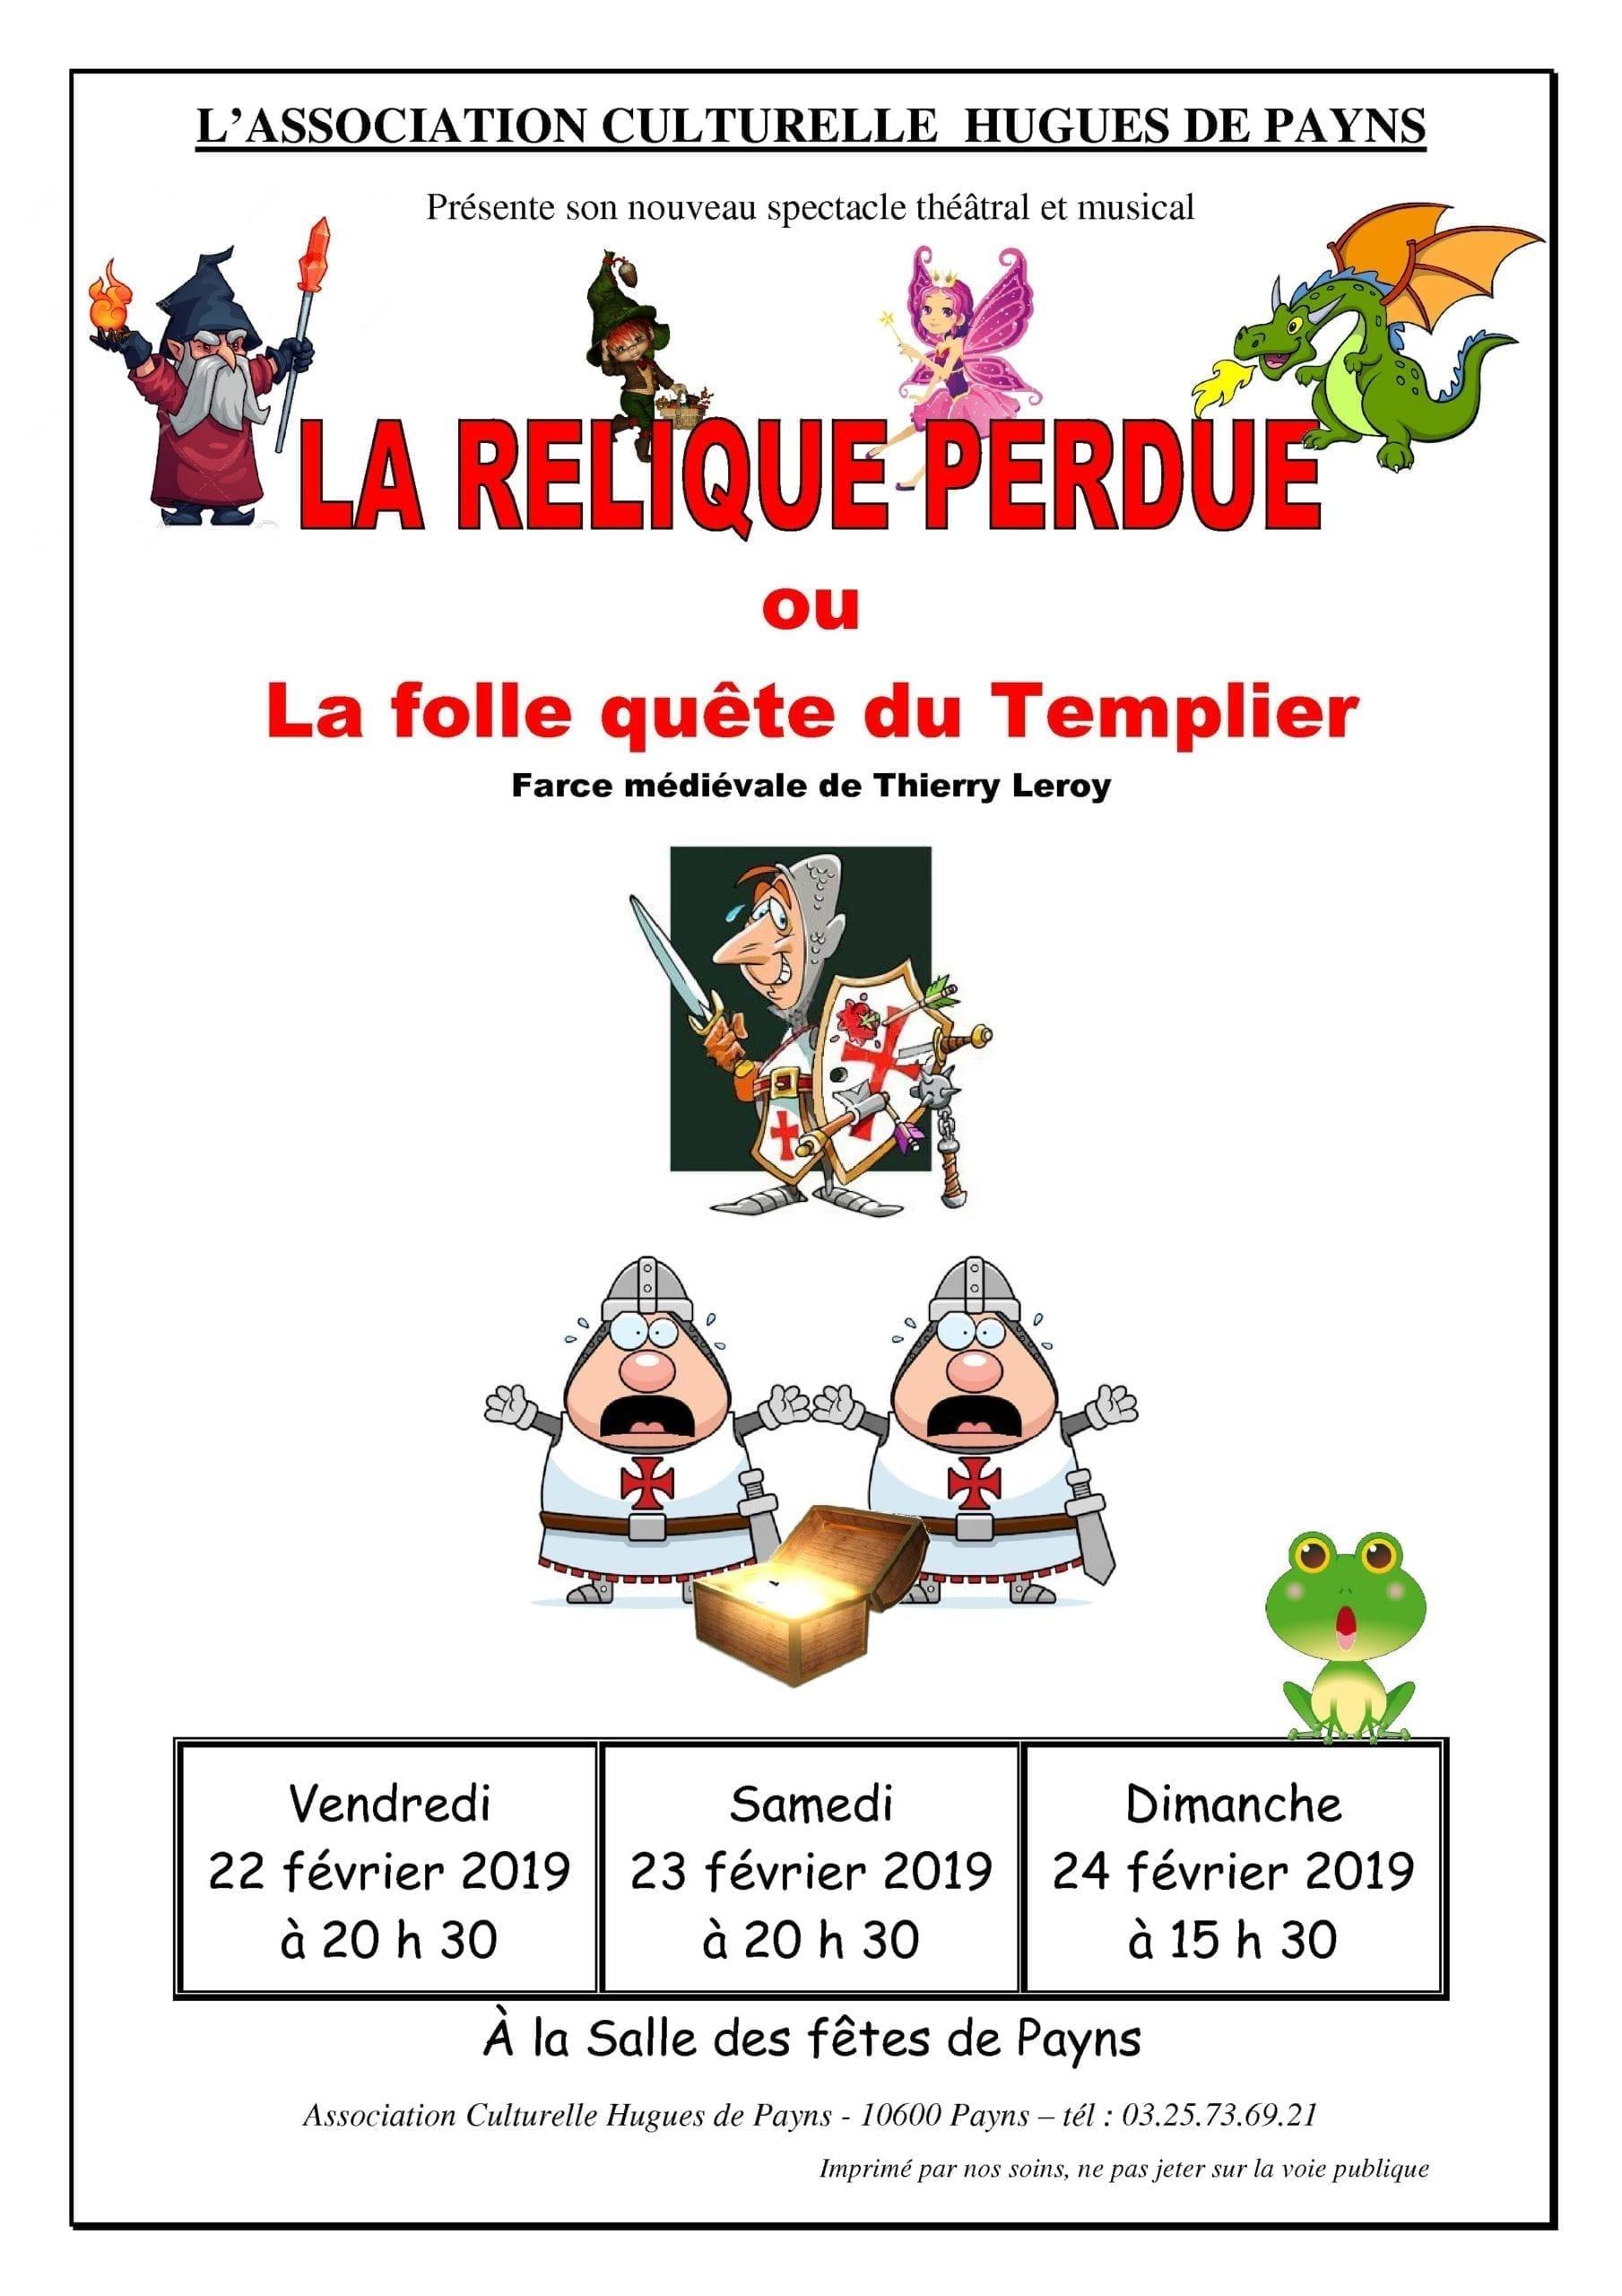 Comédie musicale La relique perdue ou La folle quête du Templier @ Salle des Fêtes de Payns